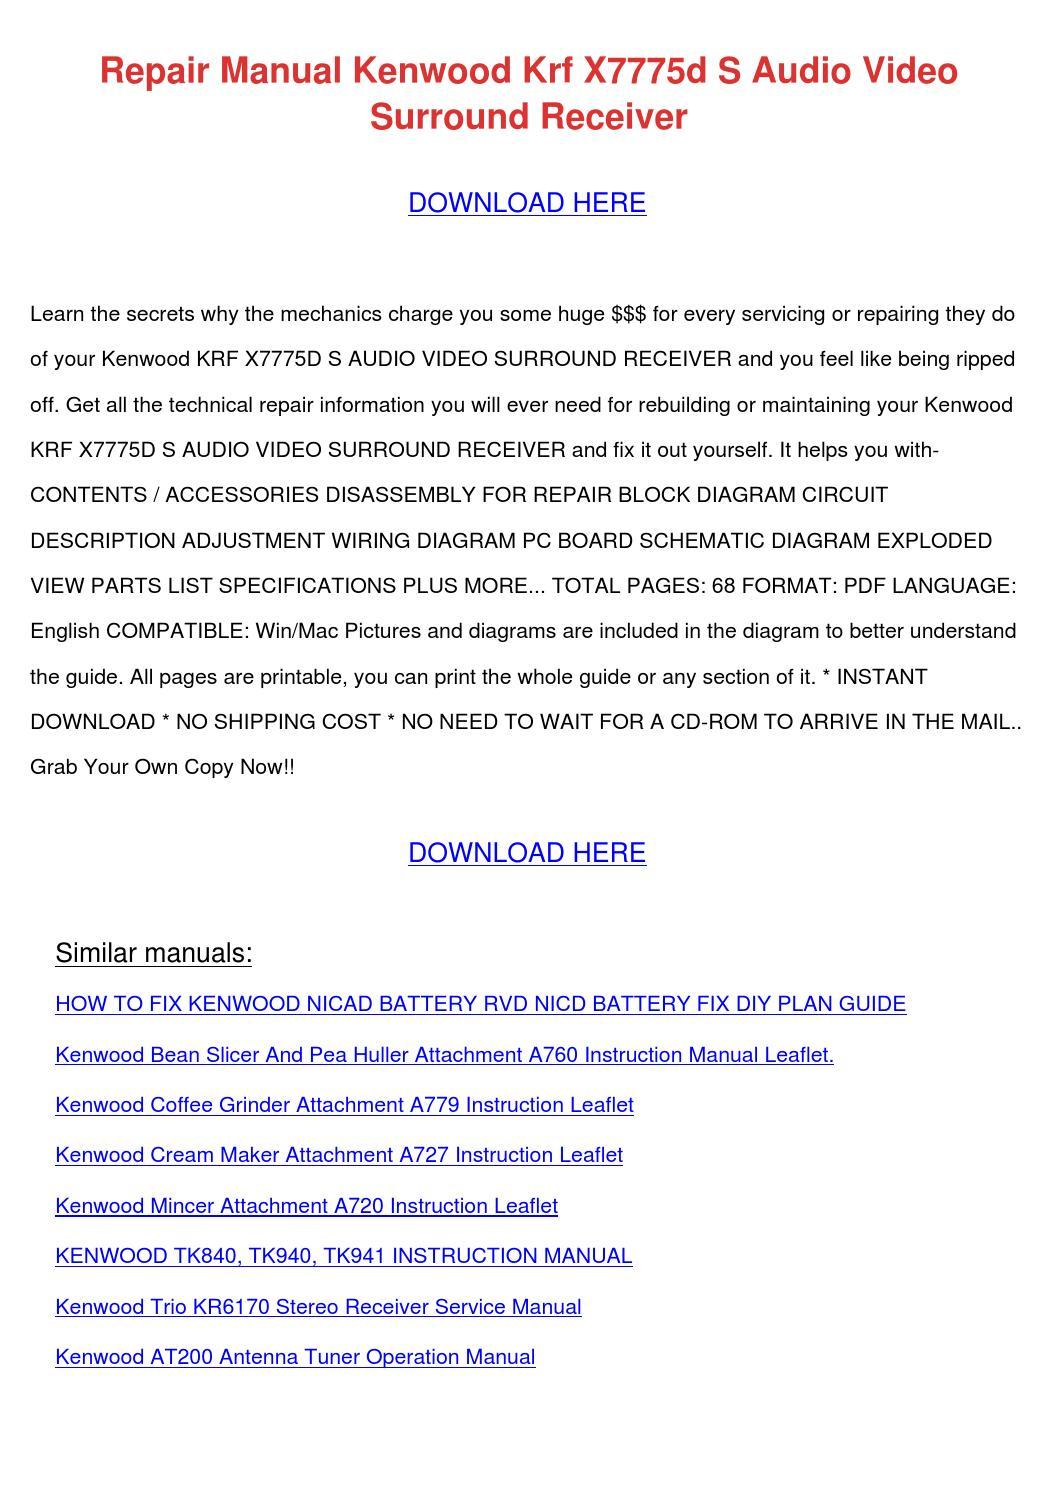 Repair Manual Kenwood Krf X7775d S Audio Vide by RafaelMontgomery ...